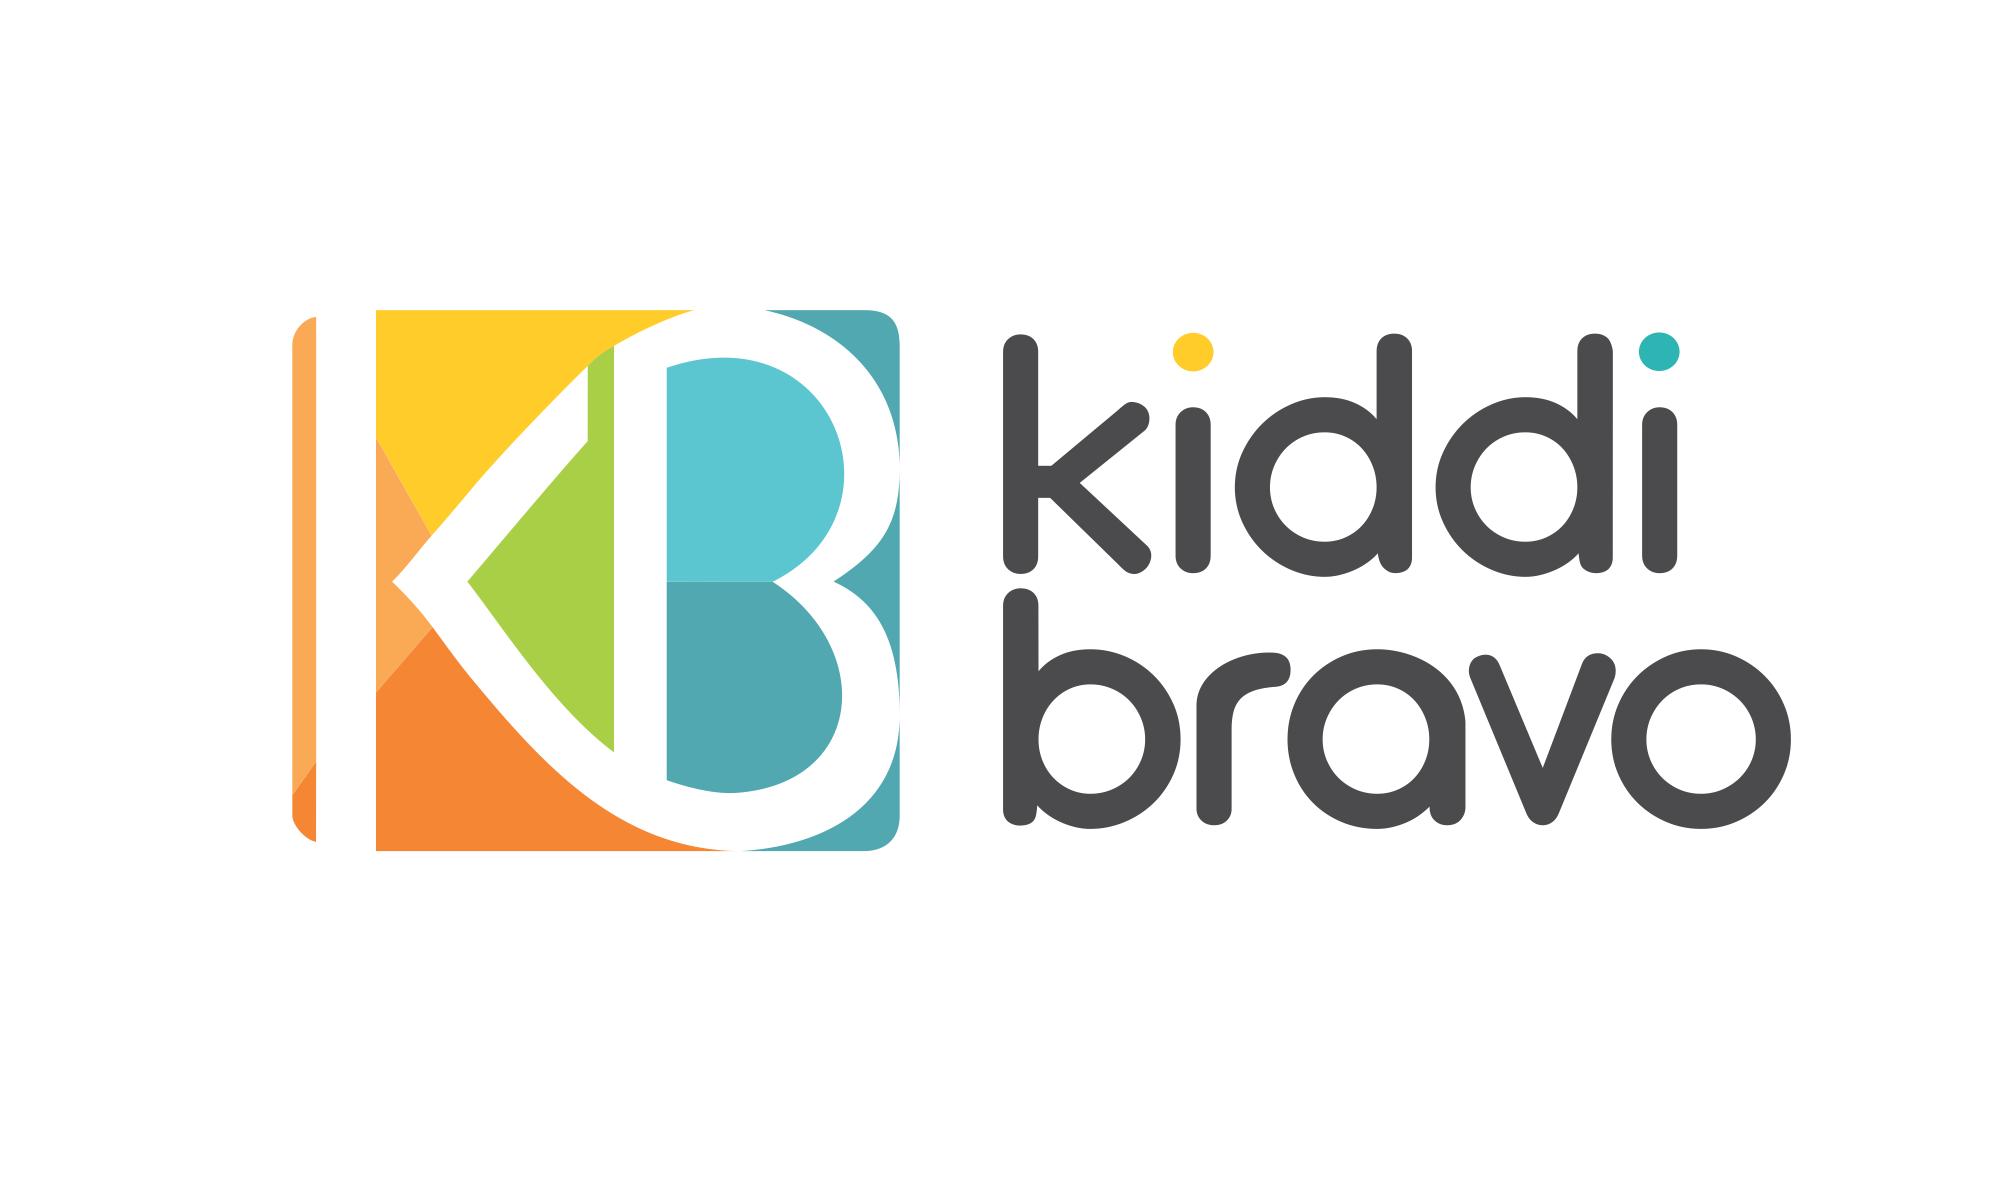 Logo/Identity for a Semi-Premium Baby & Kid's Accessories brand.